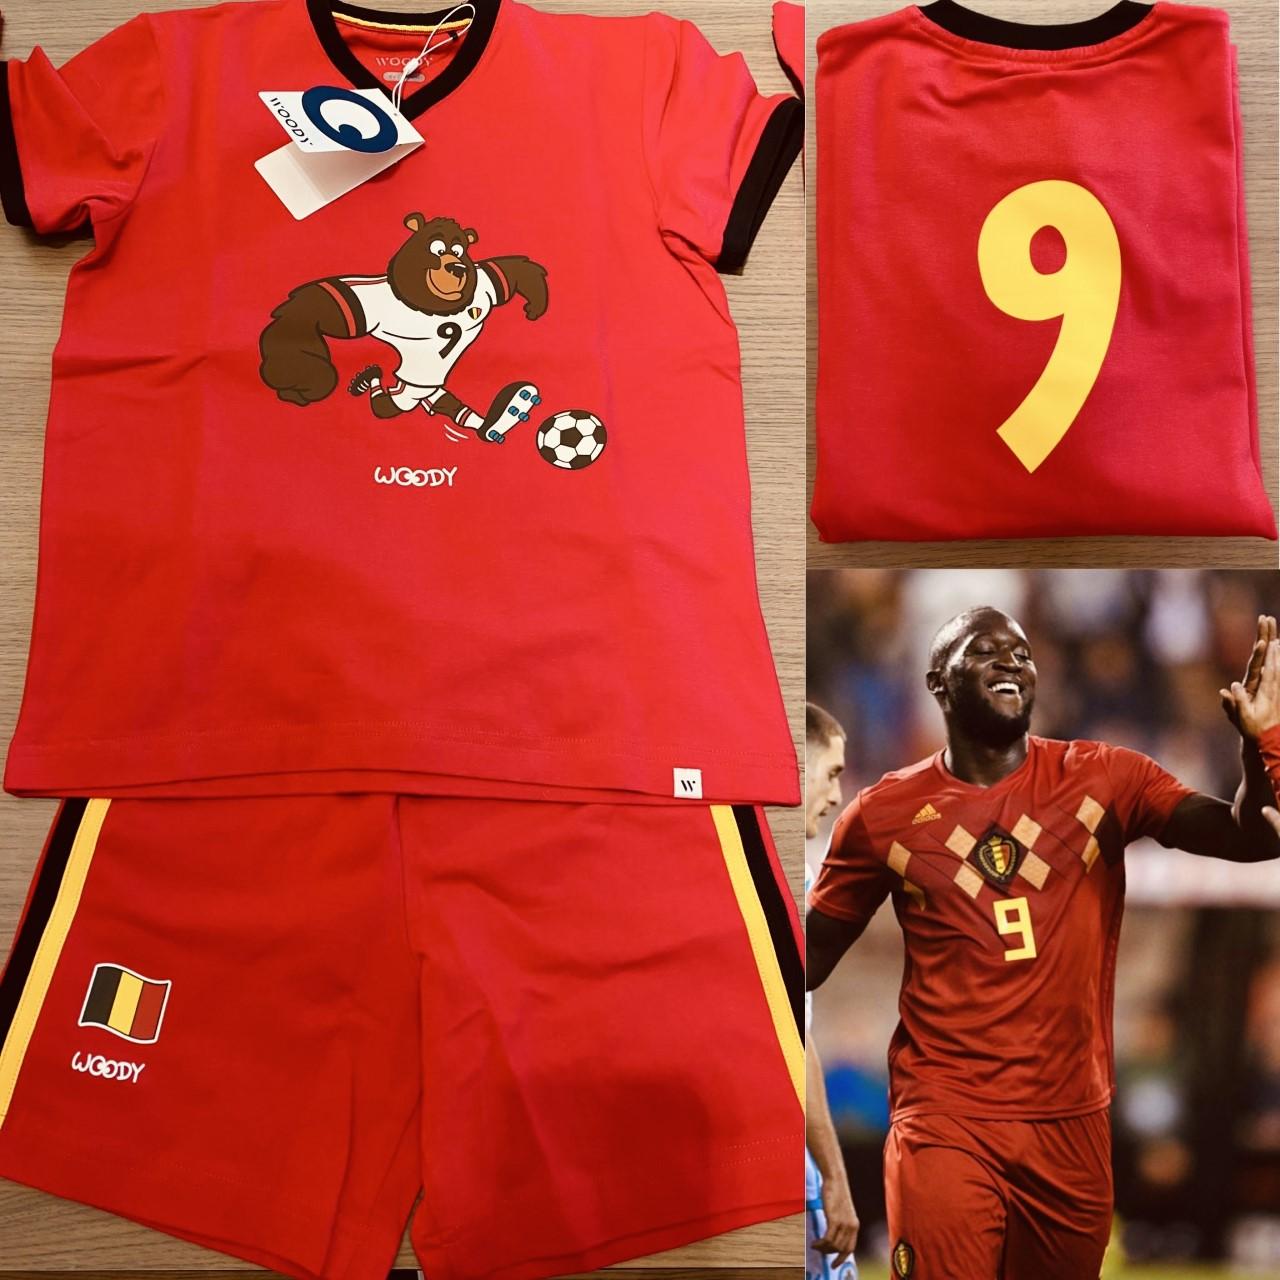 Woody EK voetbal Herenpyjama Romelu Lukaku